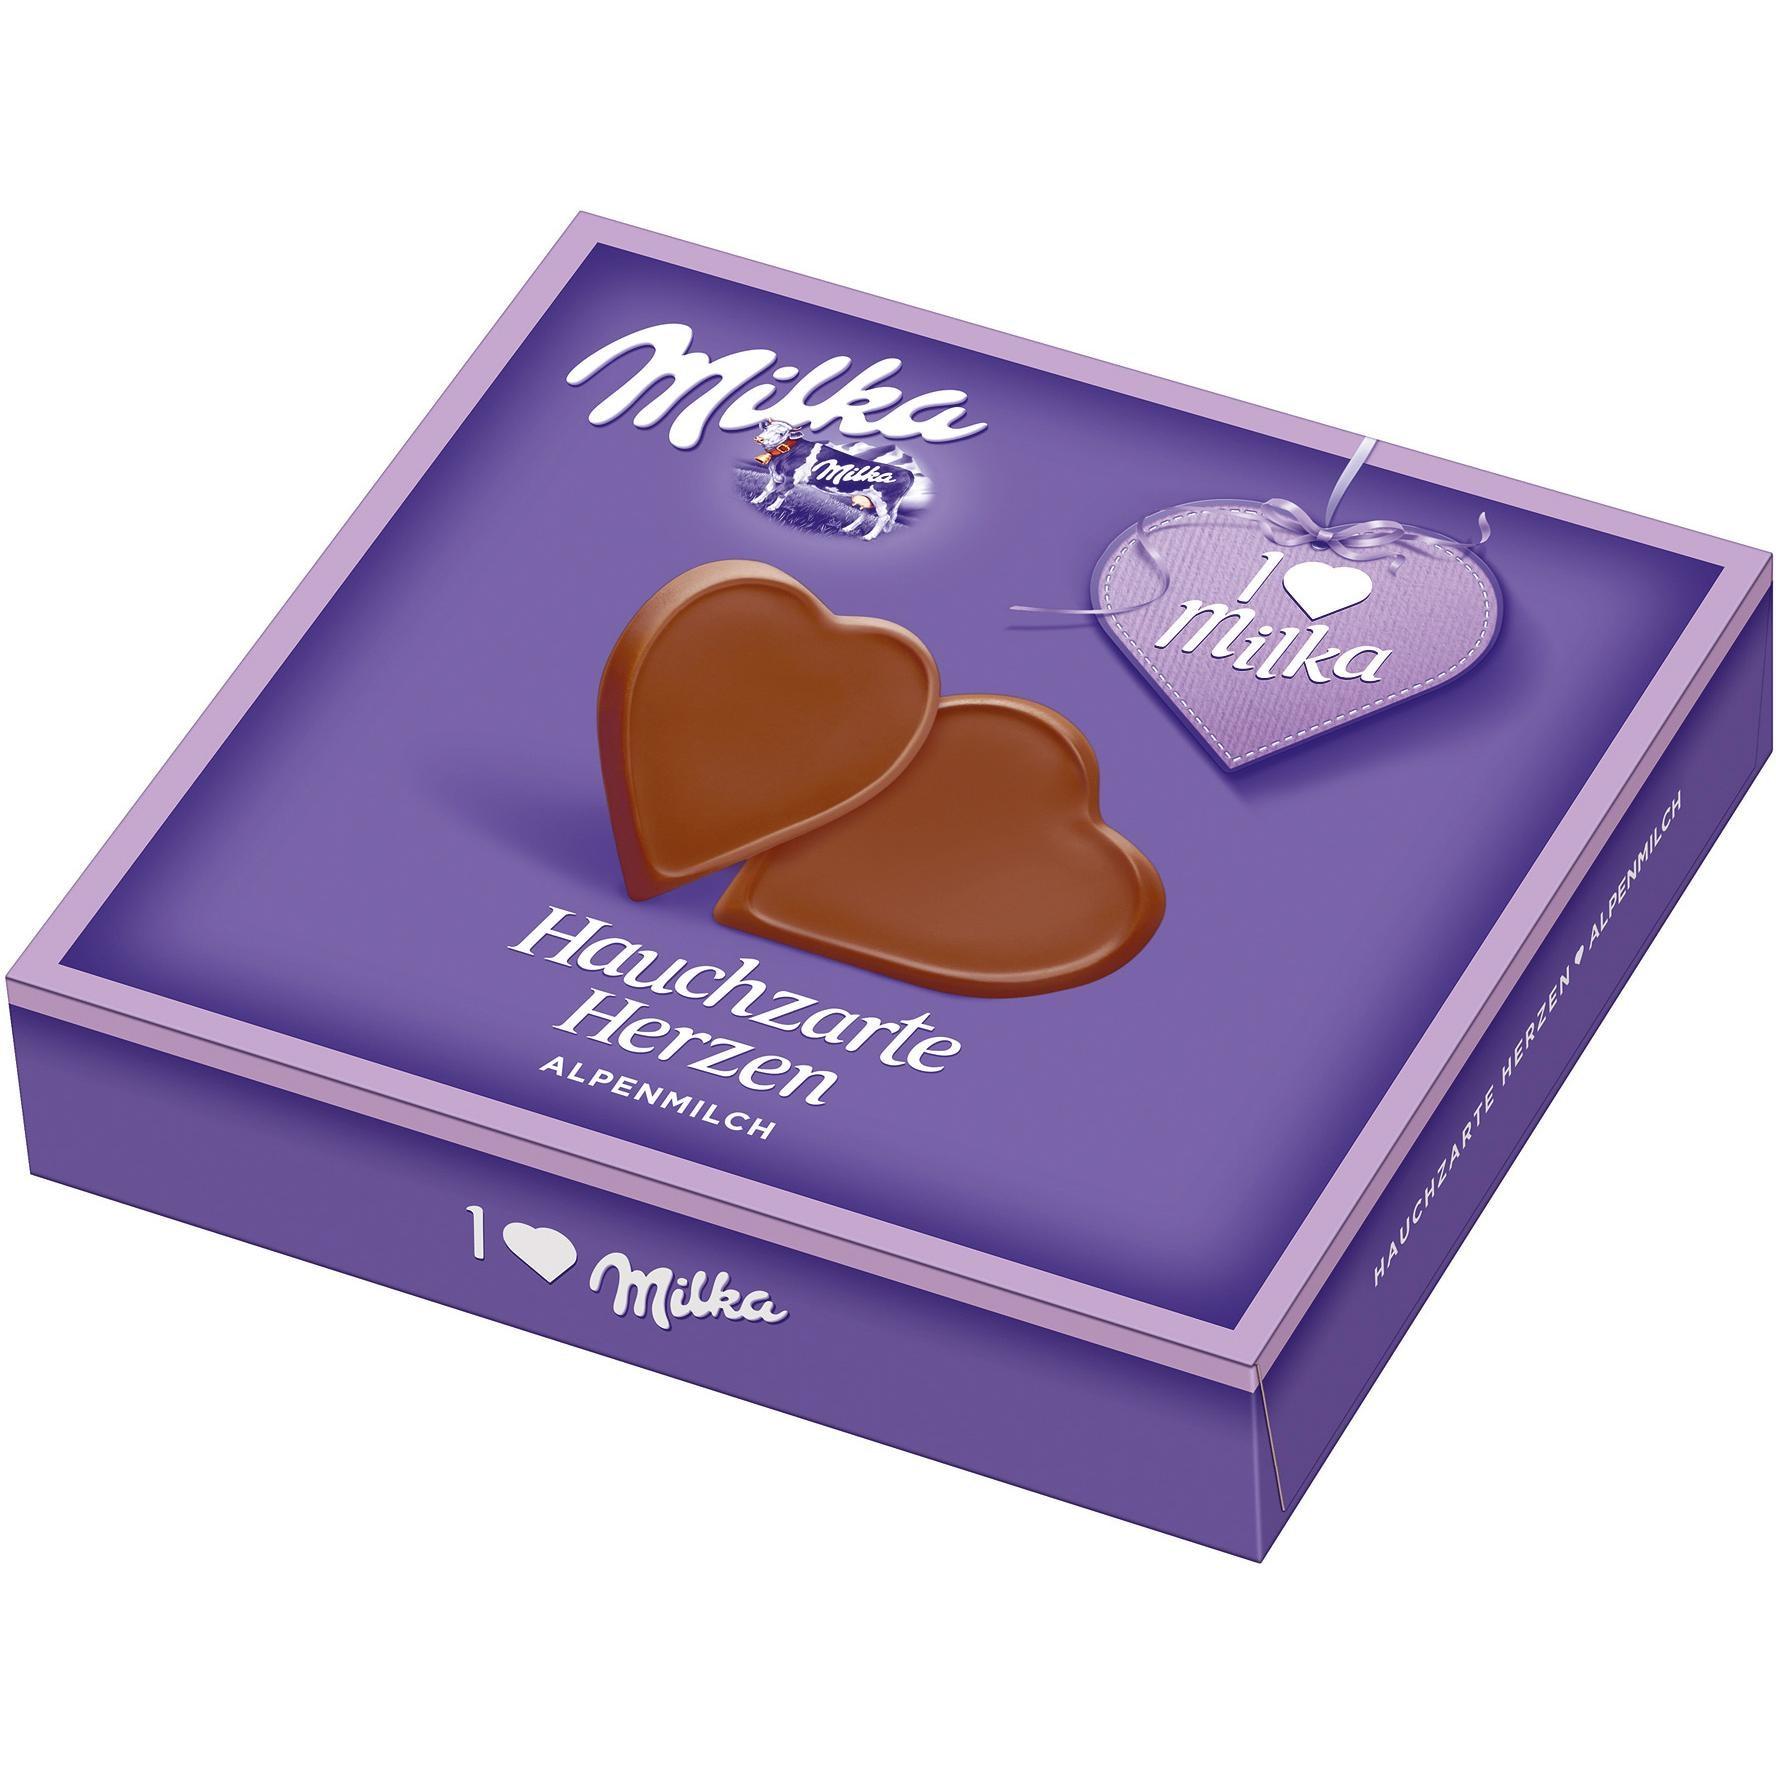 Milka - Hauchzarte Herzen Vollmilch Schokolade - 130g